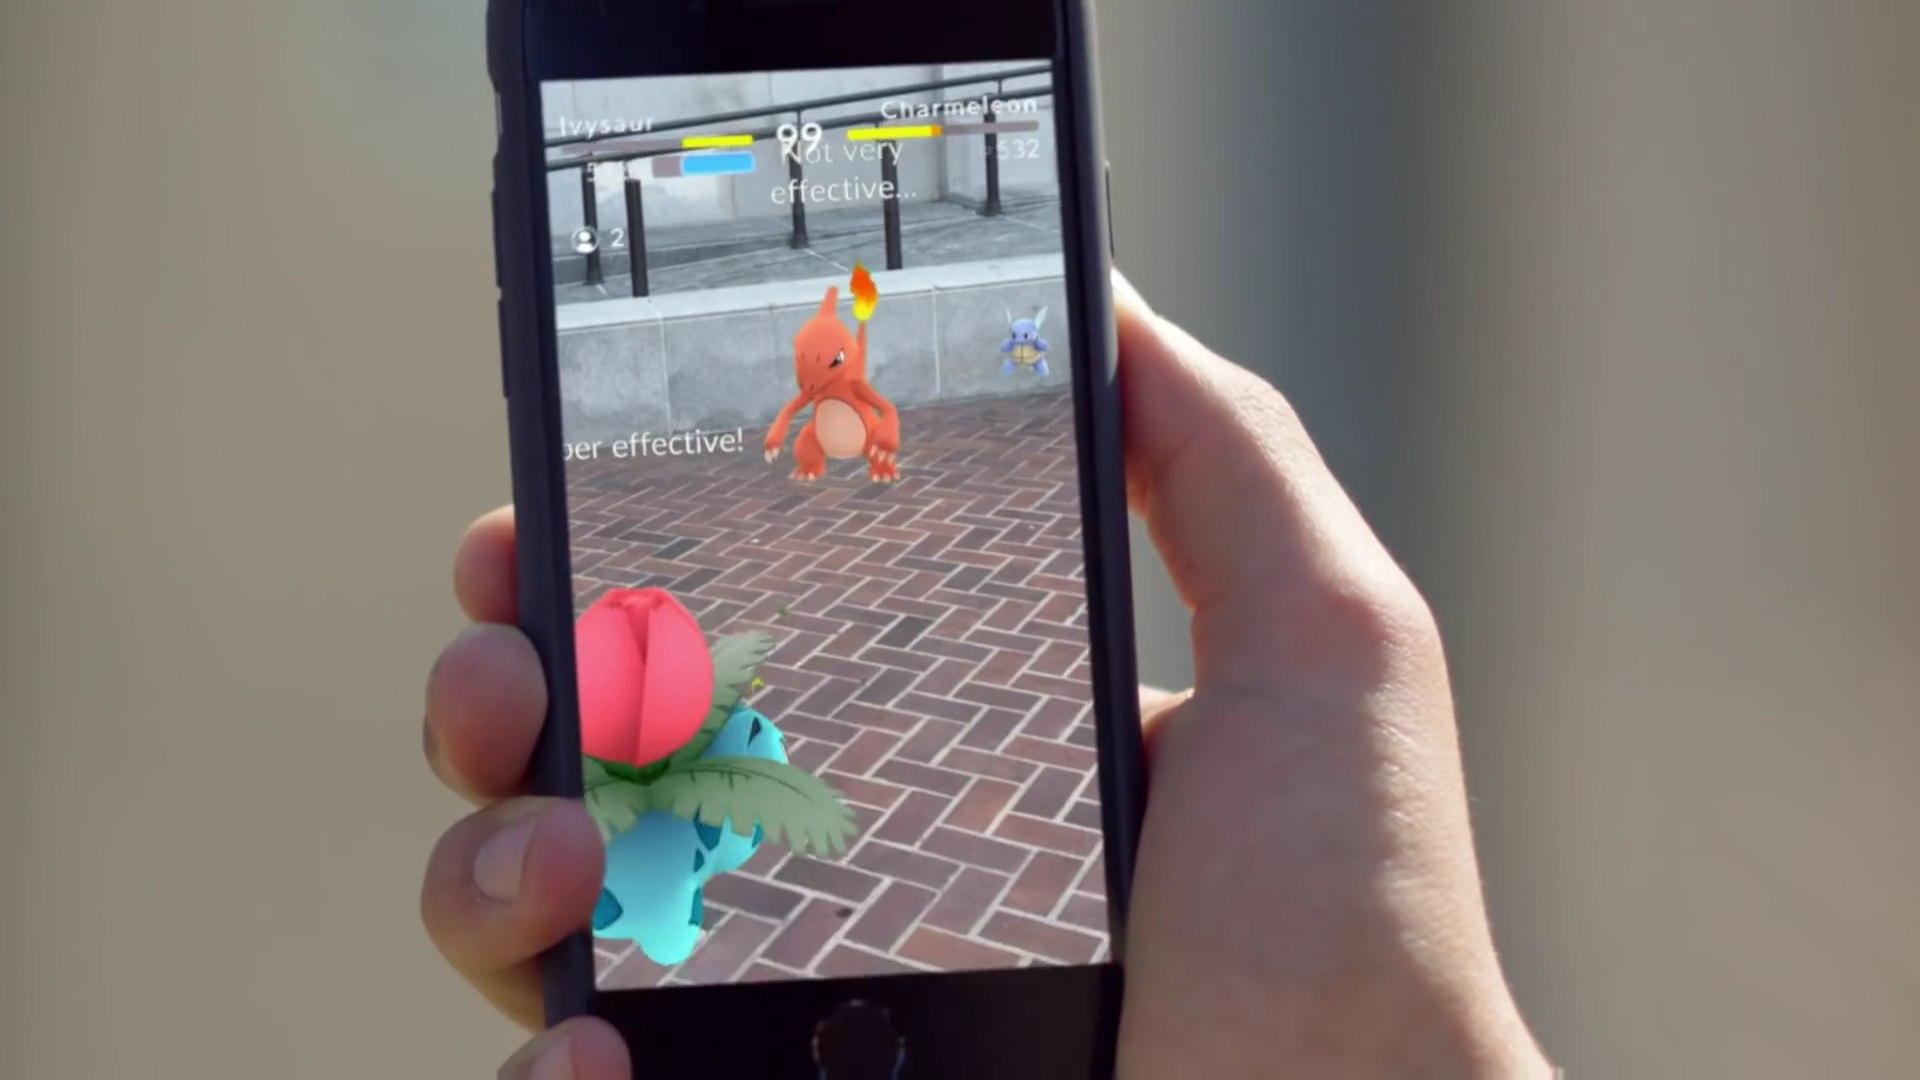 Come allenarsi in Pokémon Go 2